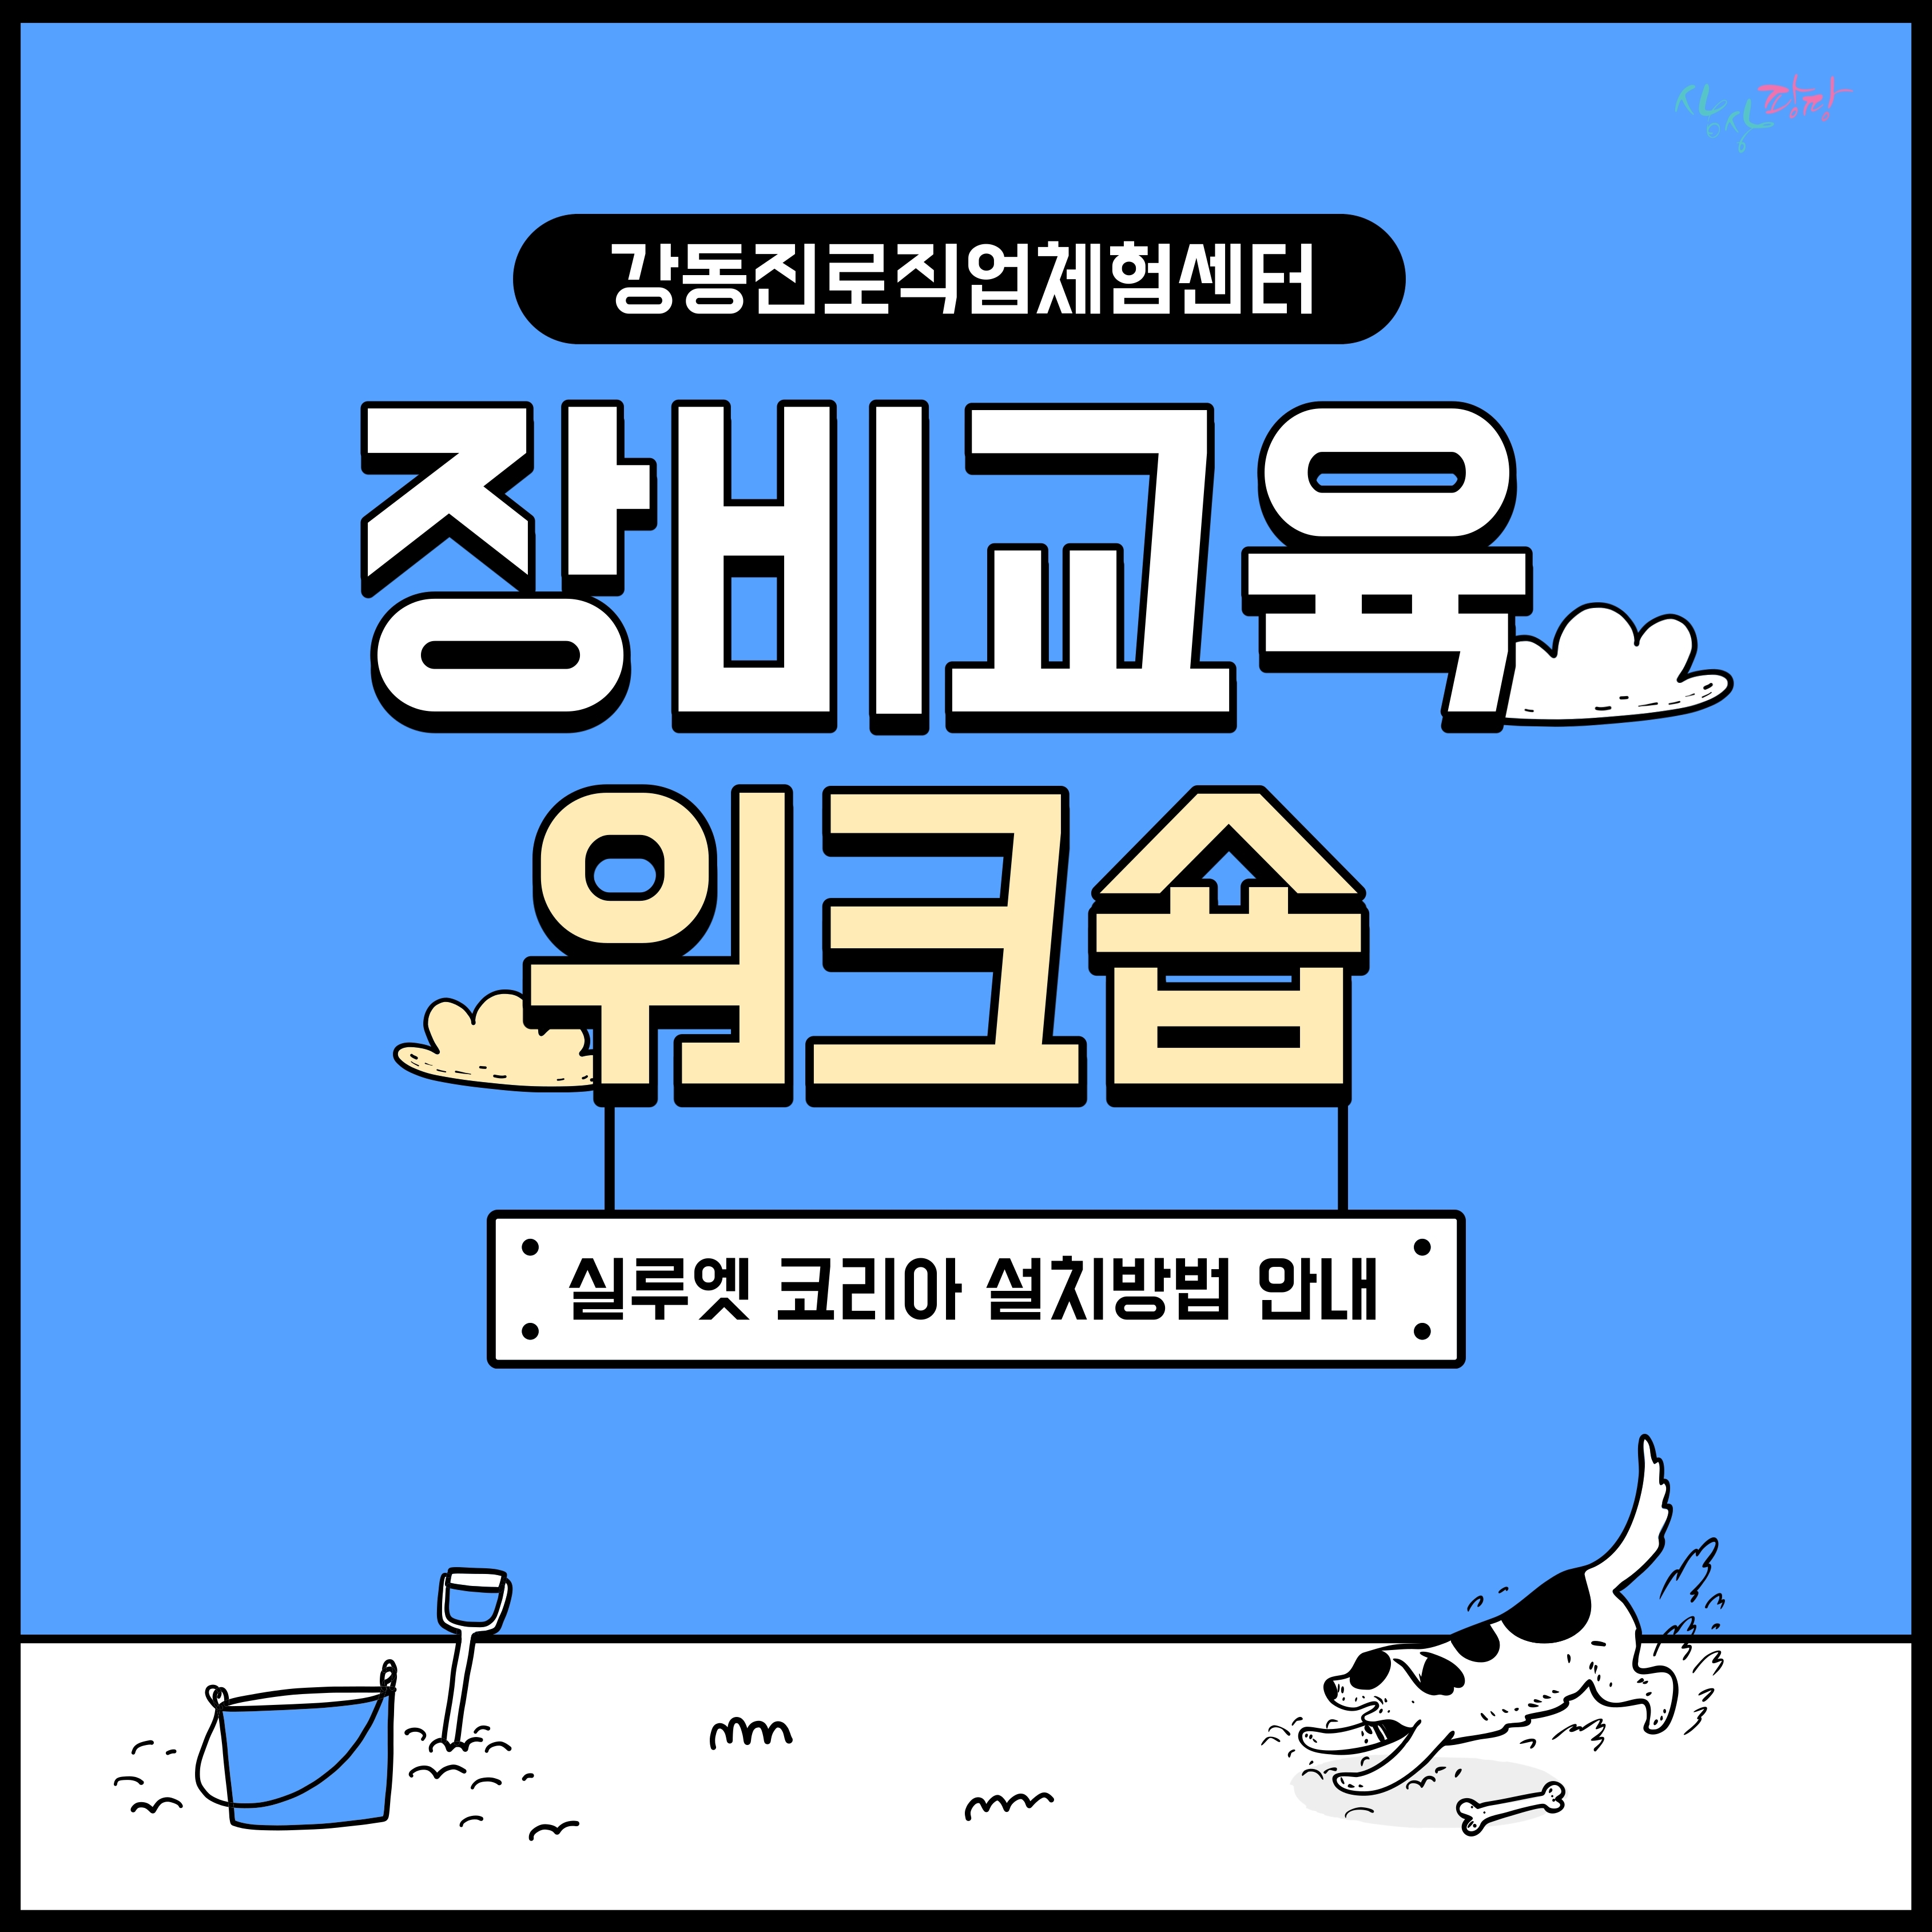 장비교육-워크숍_종이-커팅기_-1.jpg